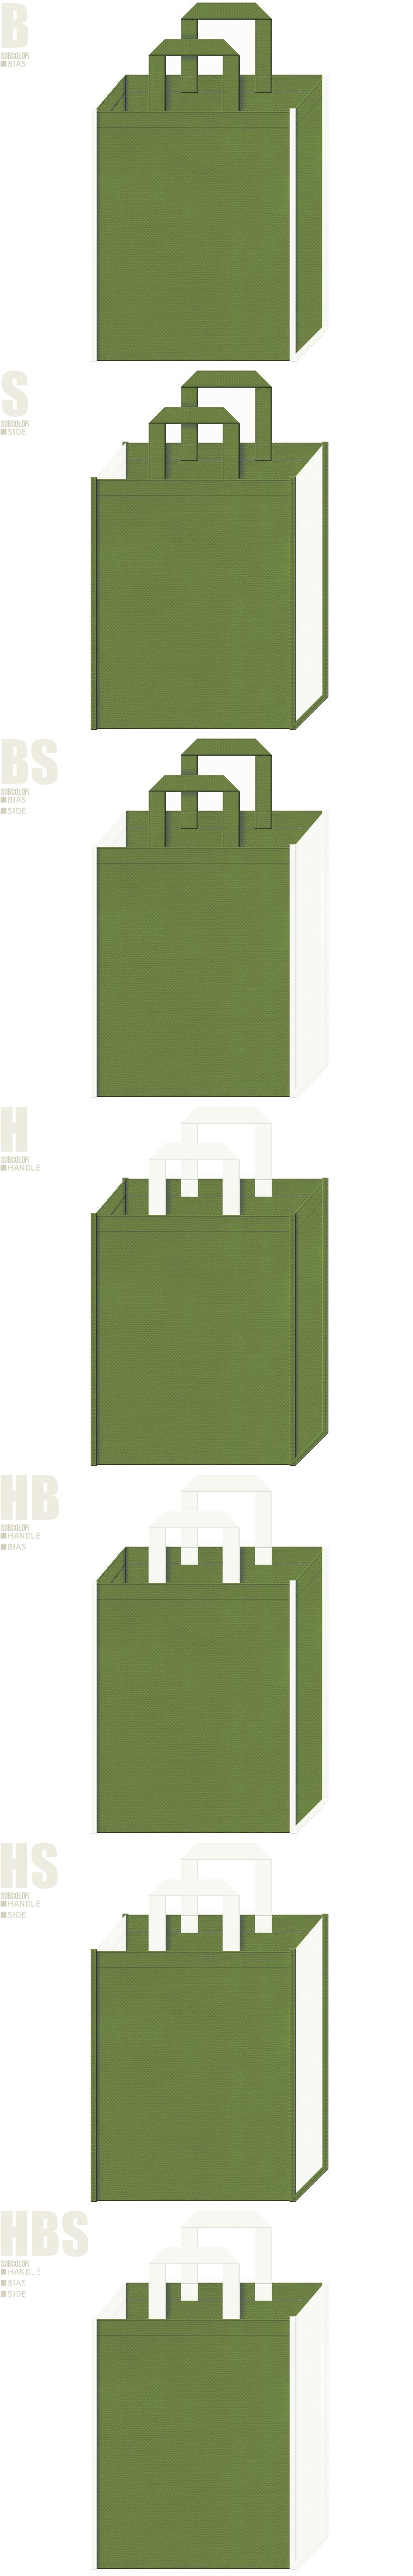 抹茶オーレ・抹茶ロール・和菓子・和紙・障子・和モダン・和風建築の展示会用バッグにお奨めの不織布バッグデザイン:草色とオフホワイト色の不織布バッグ配色7パターン。